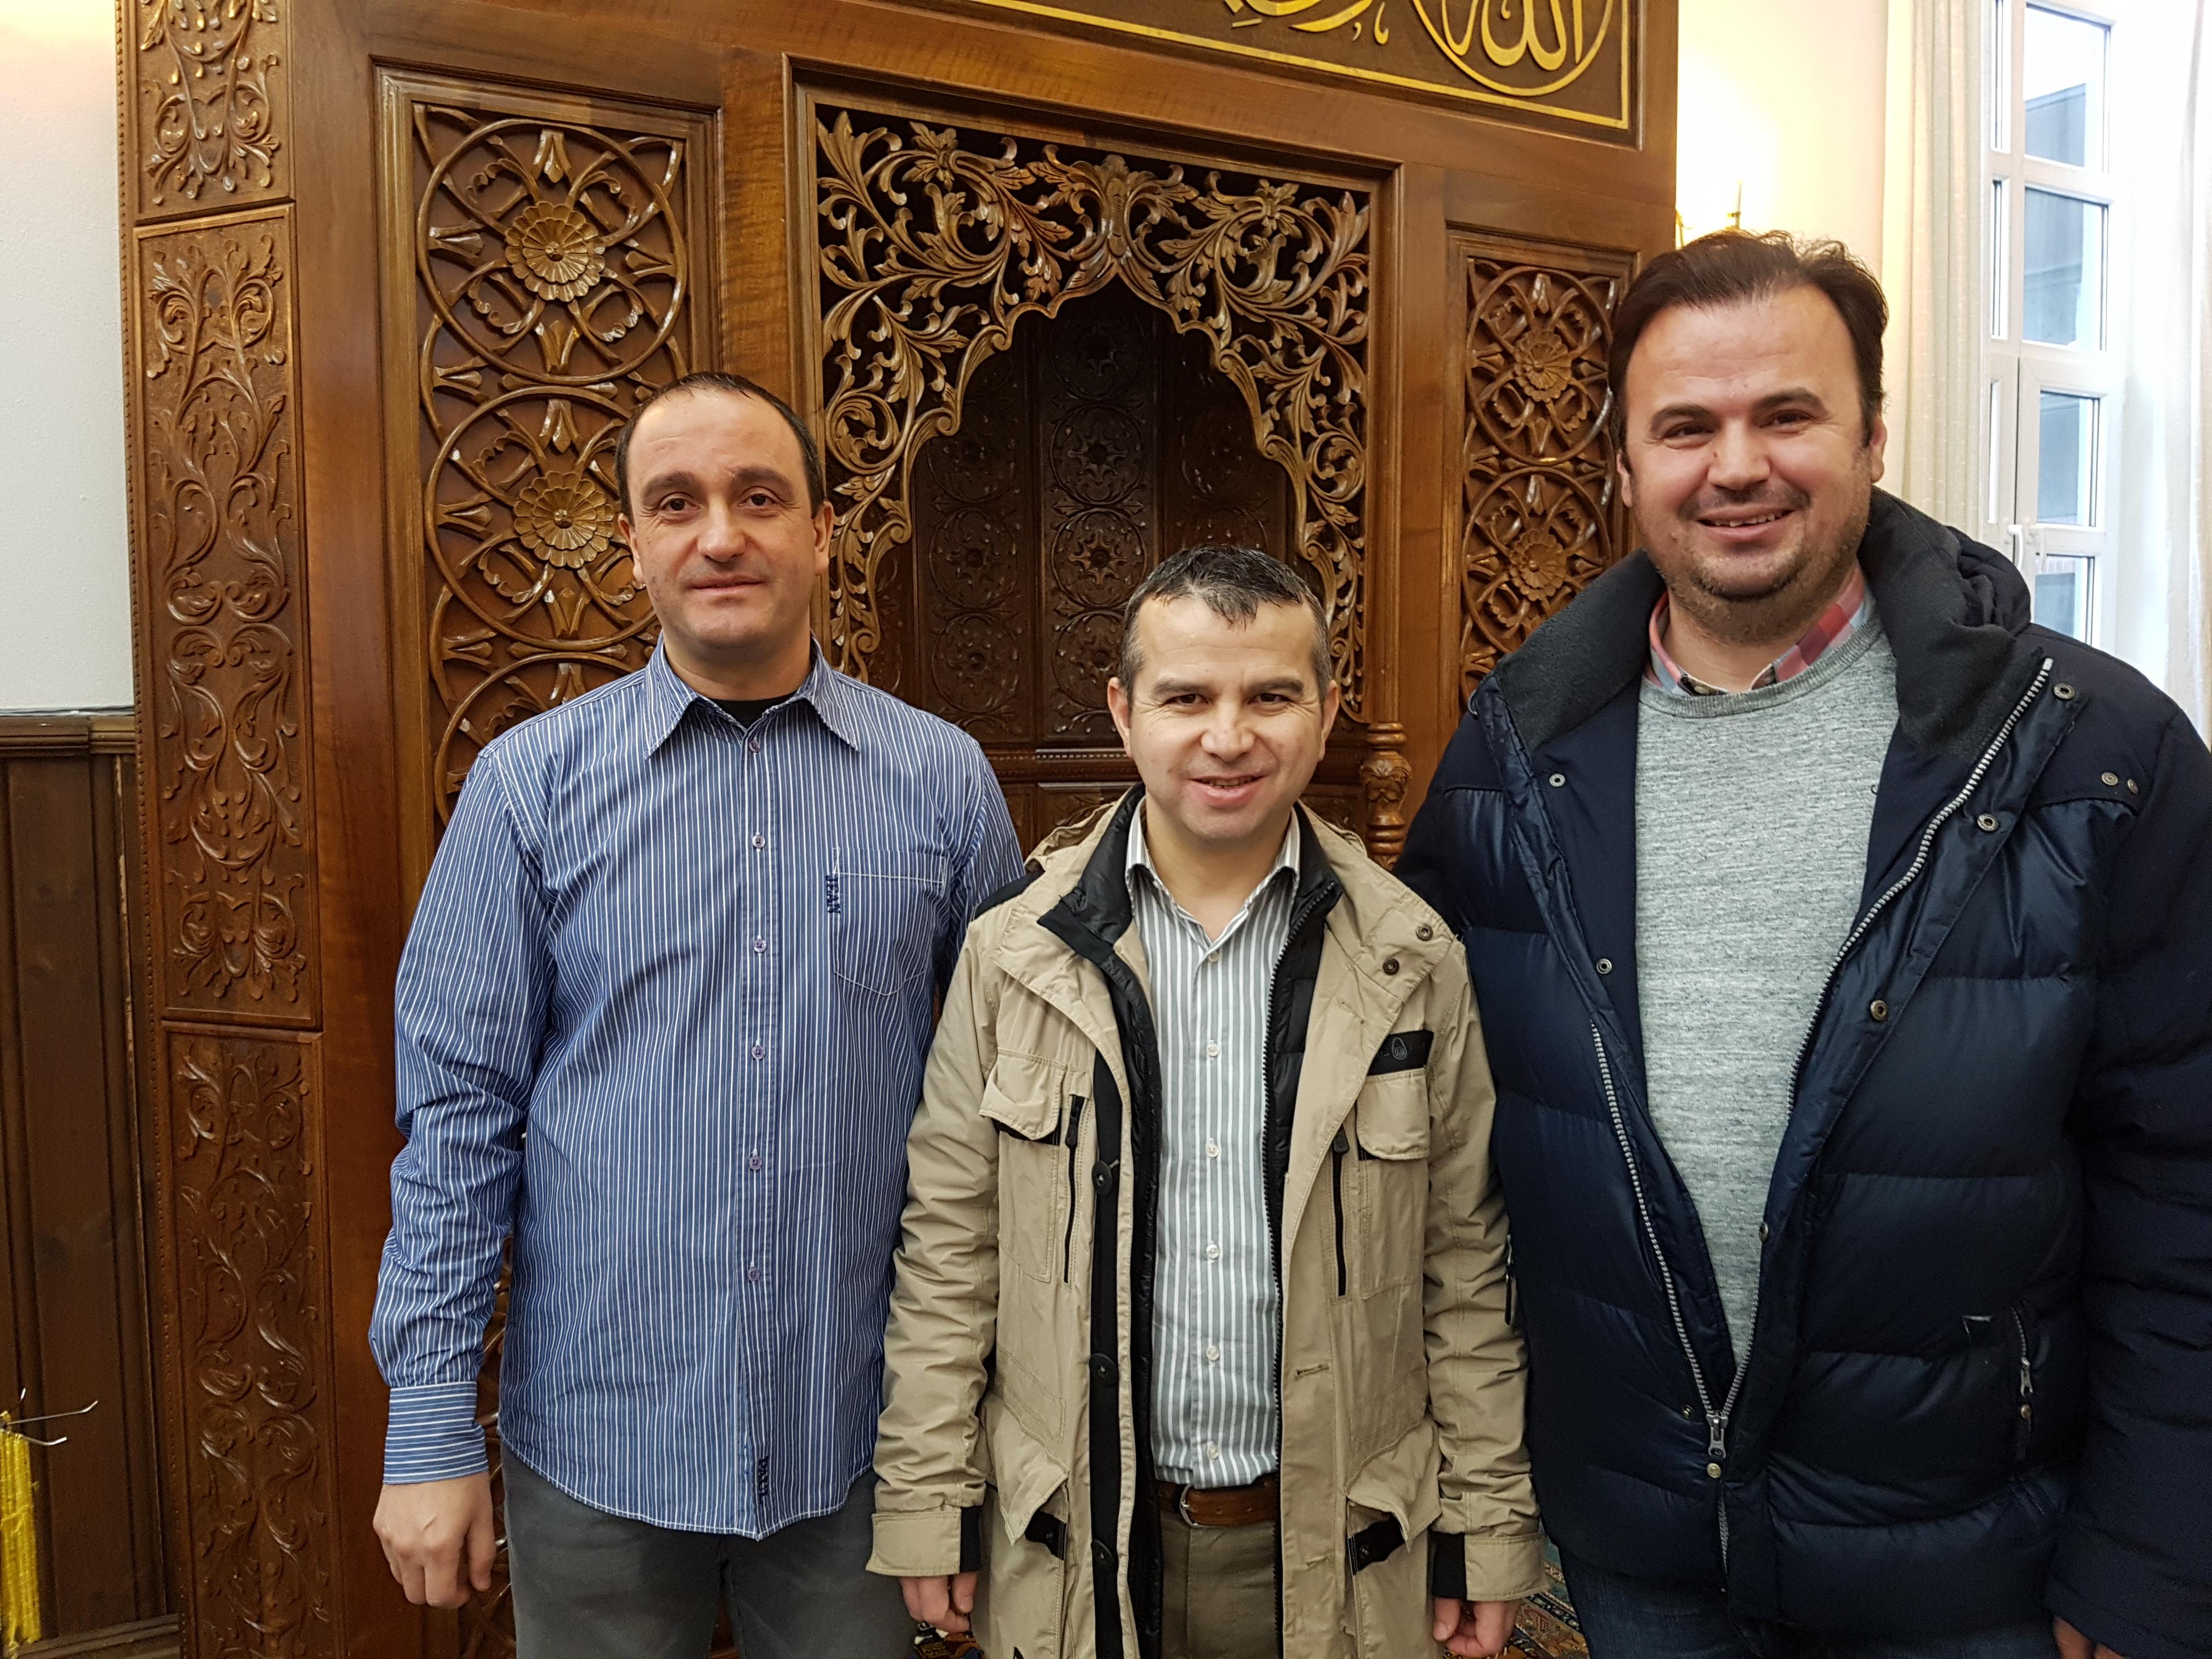 Styreleder Orhan Al, imam Adem og nestleder i styret, Mustafa Gezen